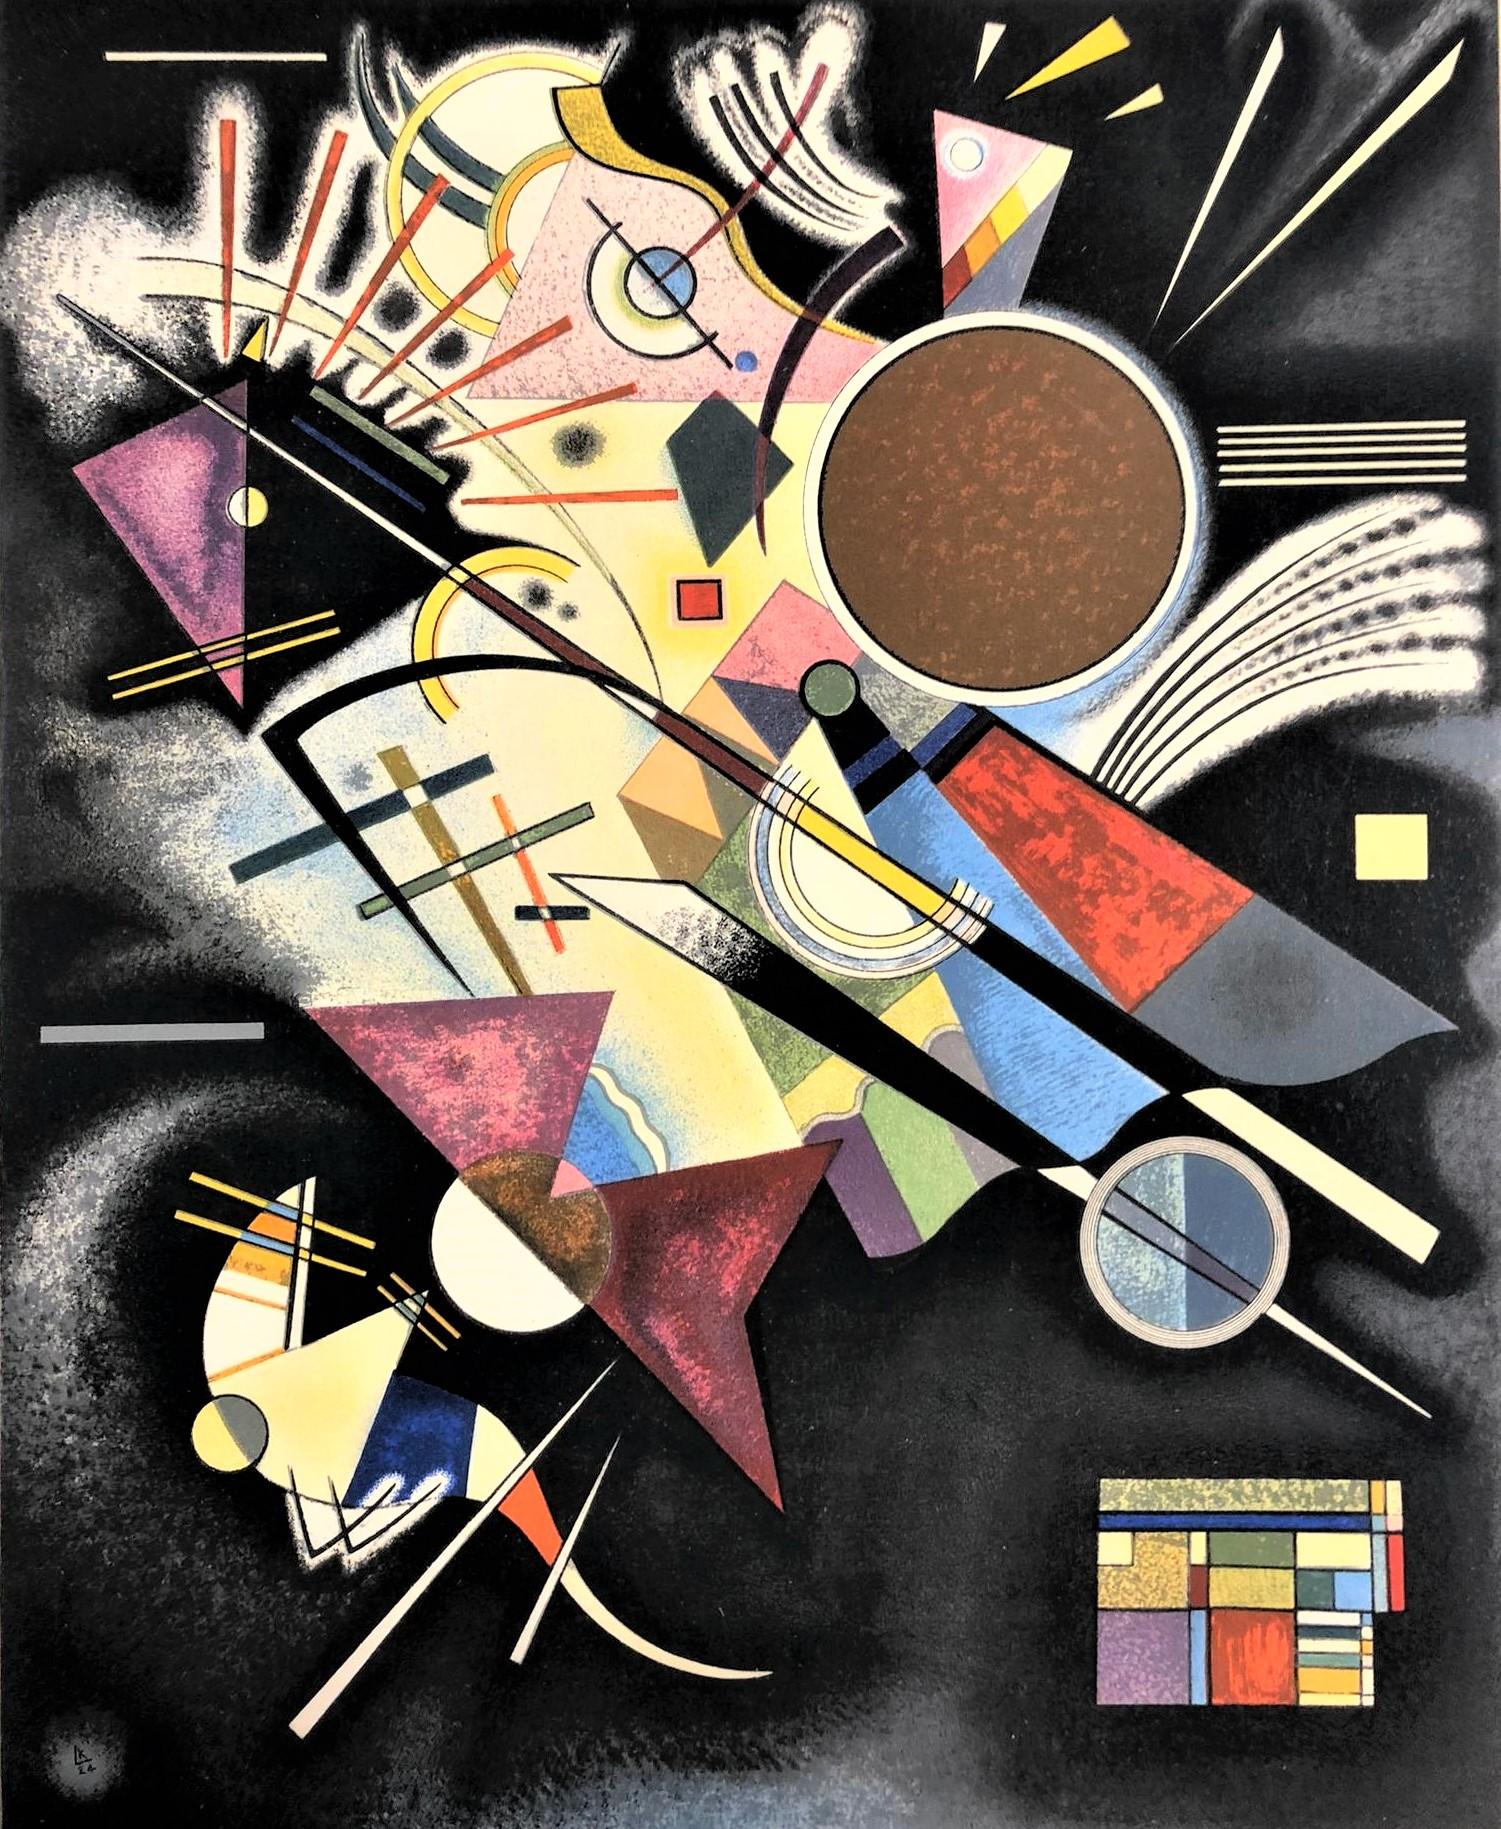 Vente Adami, Bacon, Chagall, Dali, Fairey, Kandinsky, Miro... Oeuvres sur Papier chez TGP Auction : 235 lots